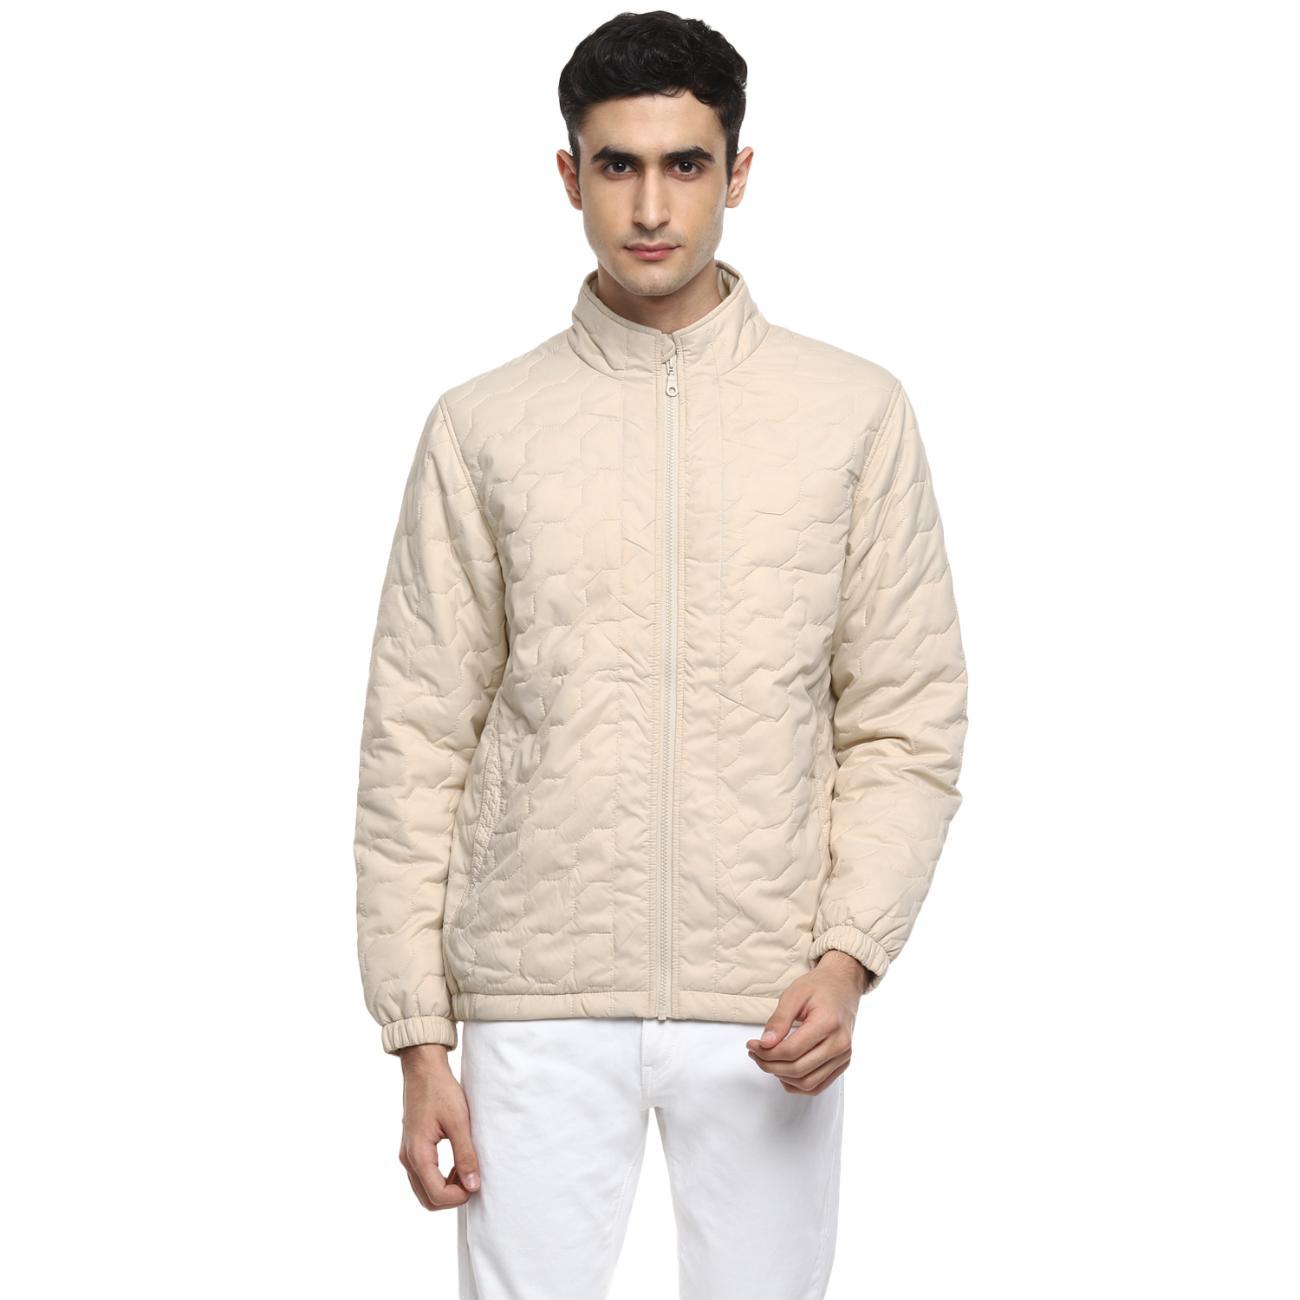 Buy Cream Jacket For Men